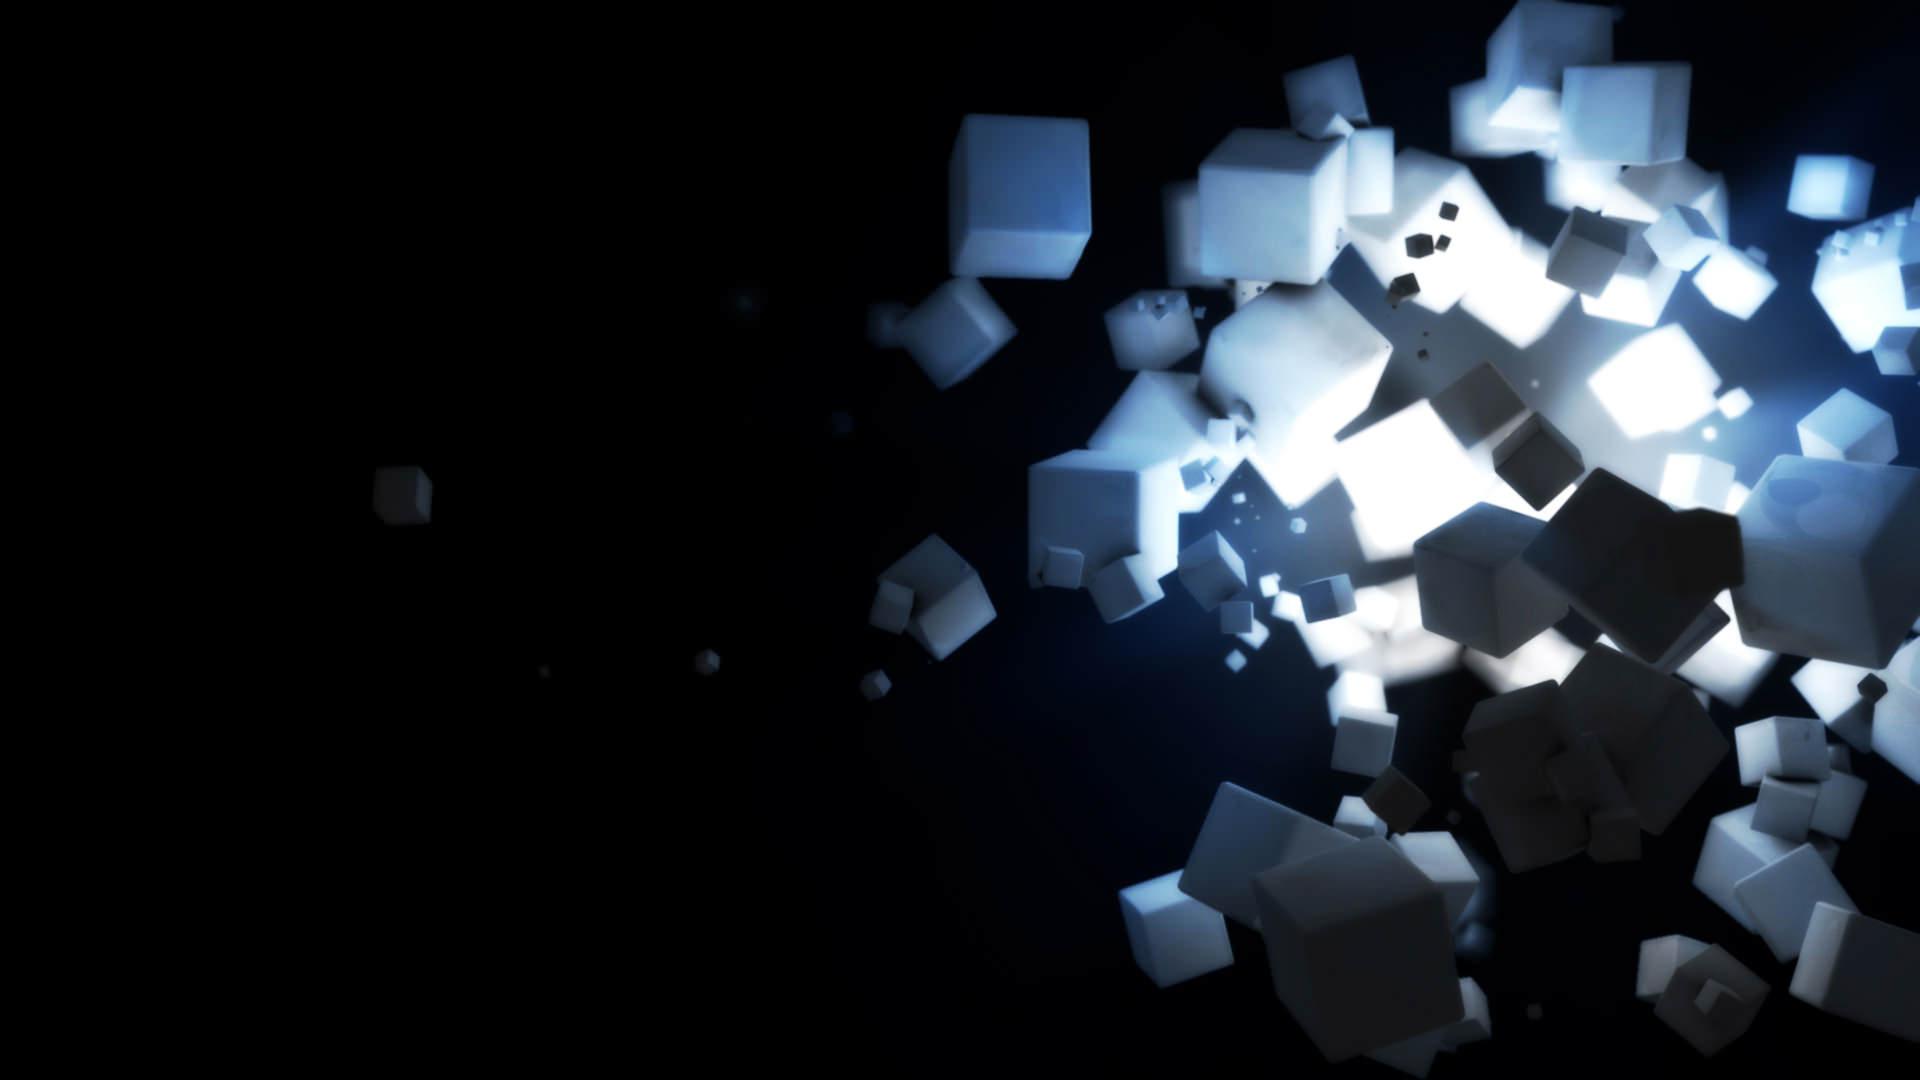 Cubes in Dark Background Wallpaper